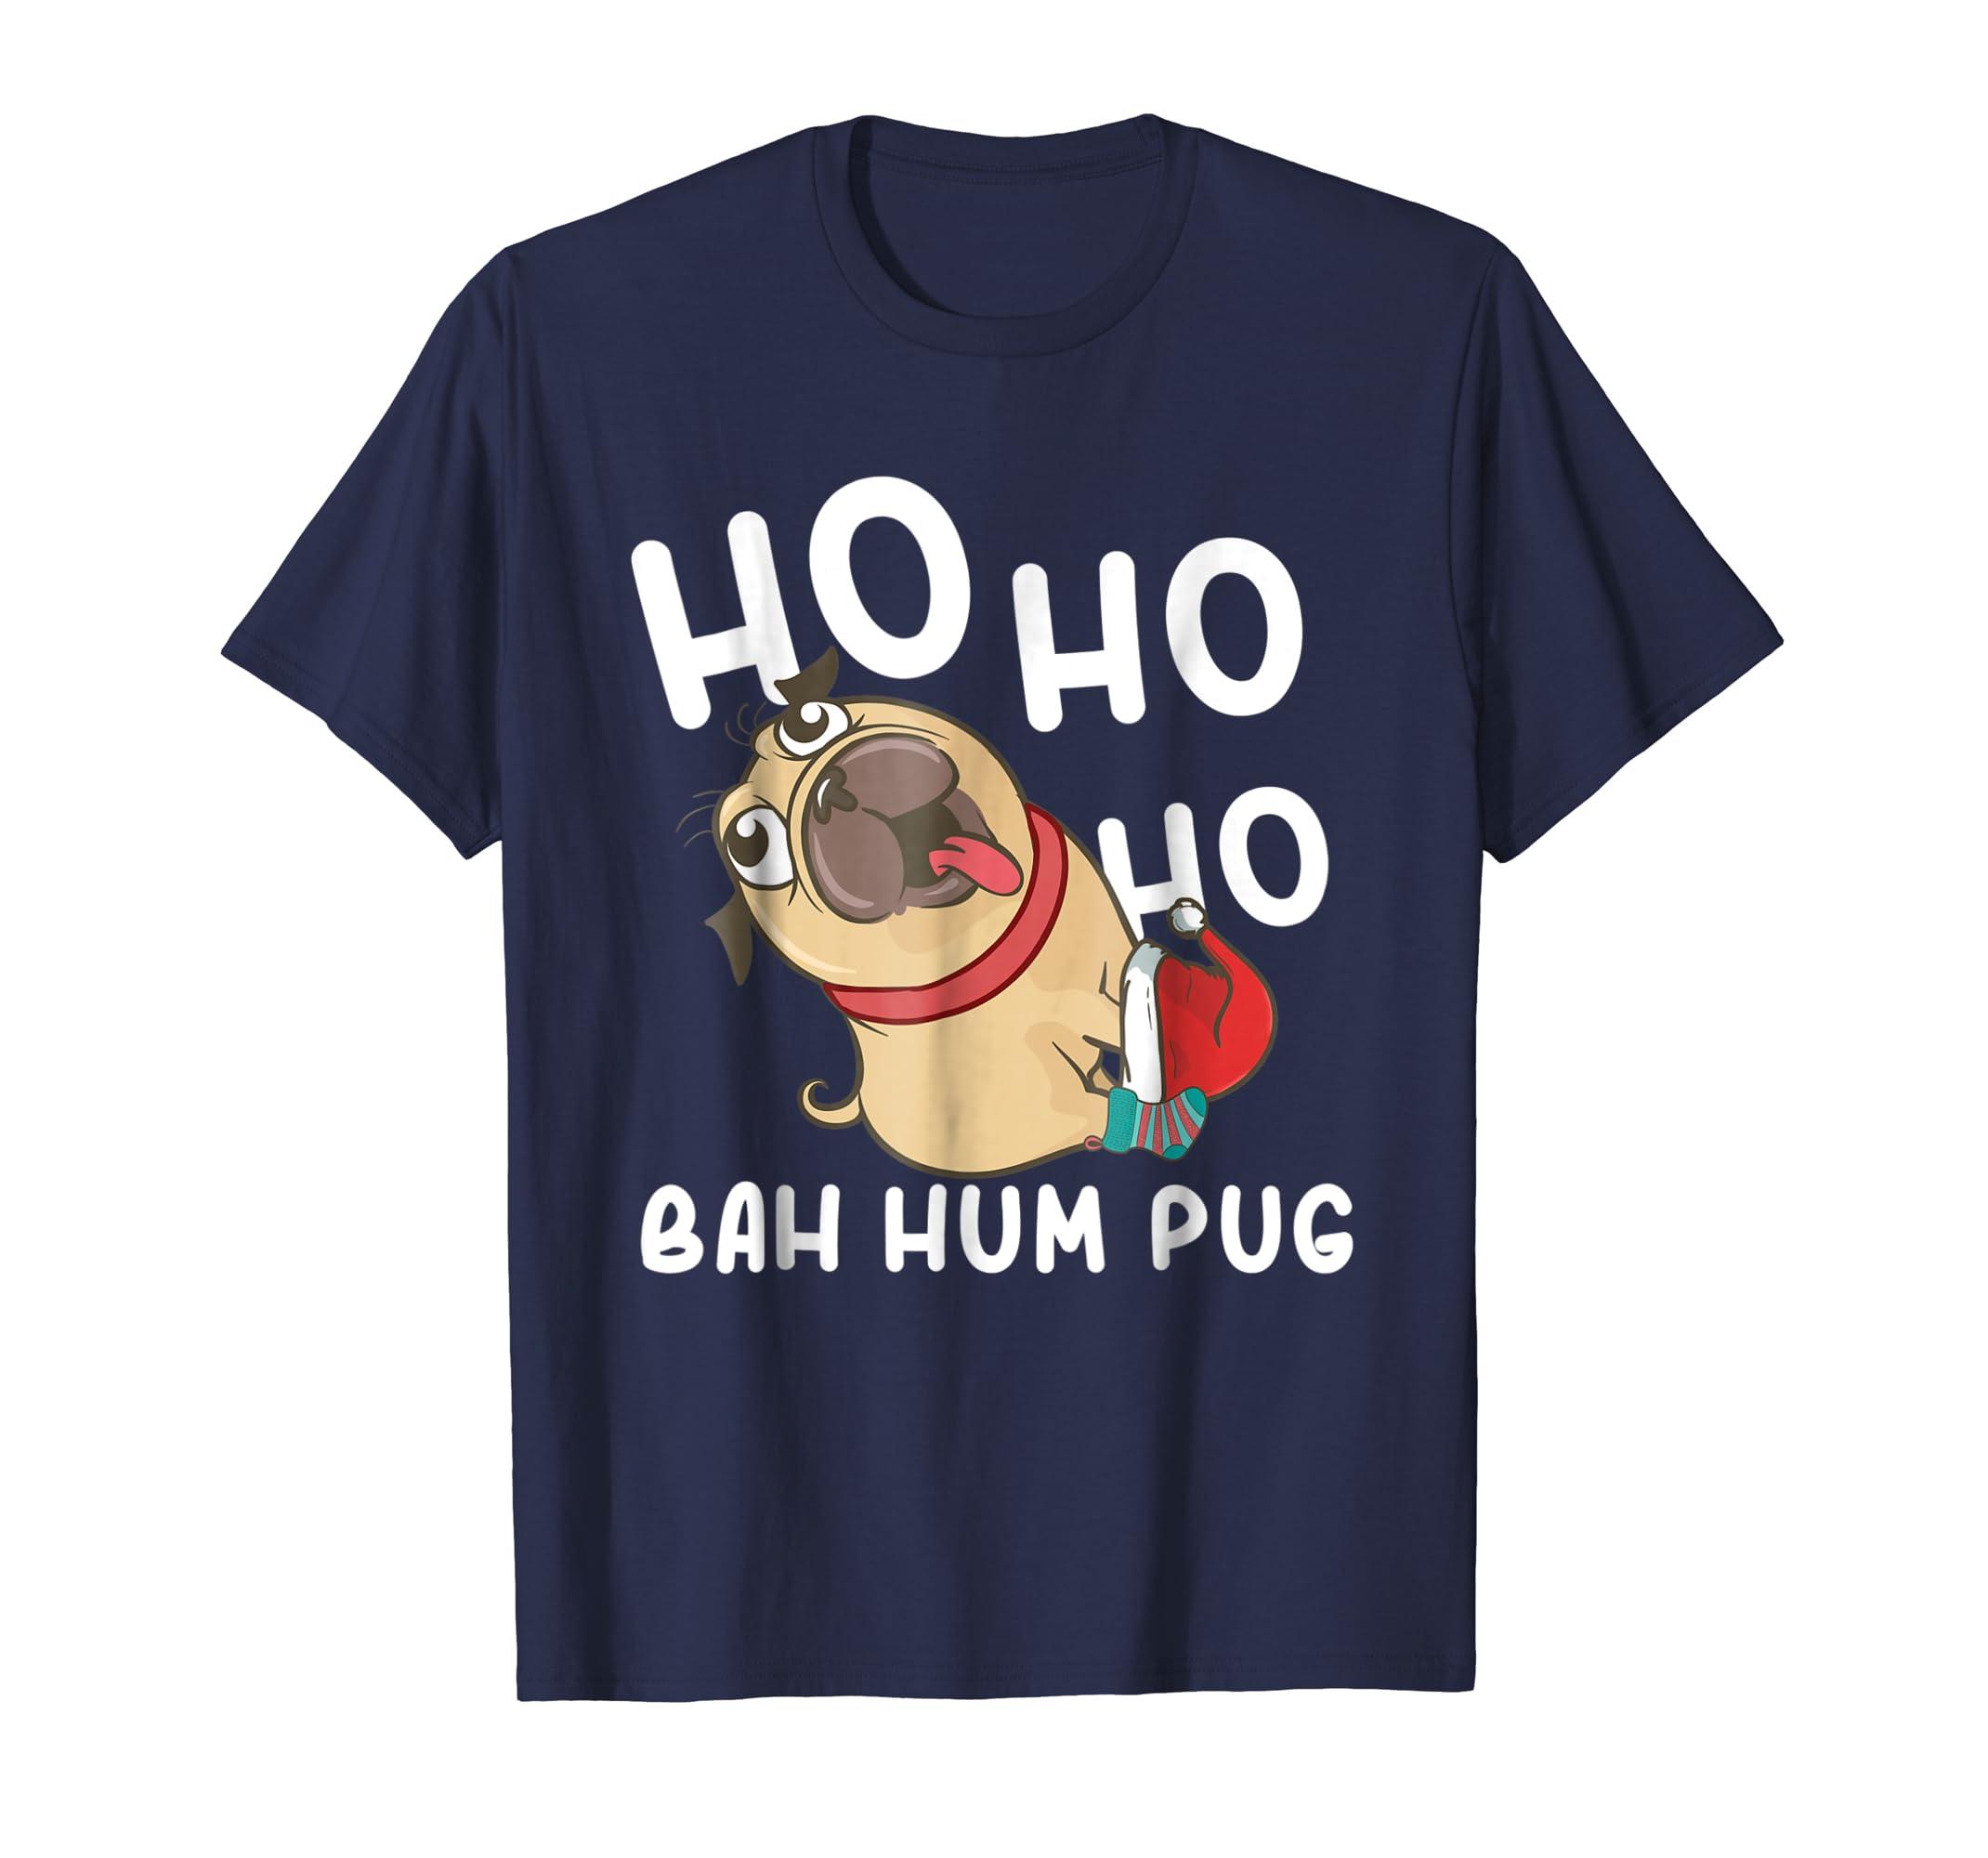 Christmas Pug Ho Ho Ho Bah Hum Pug Shirt Funny Pug Dog Gifts-azvn